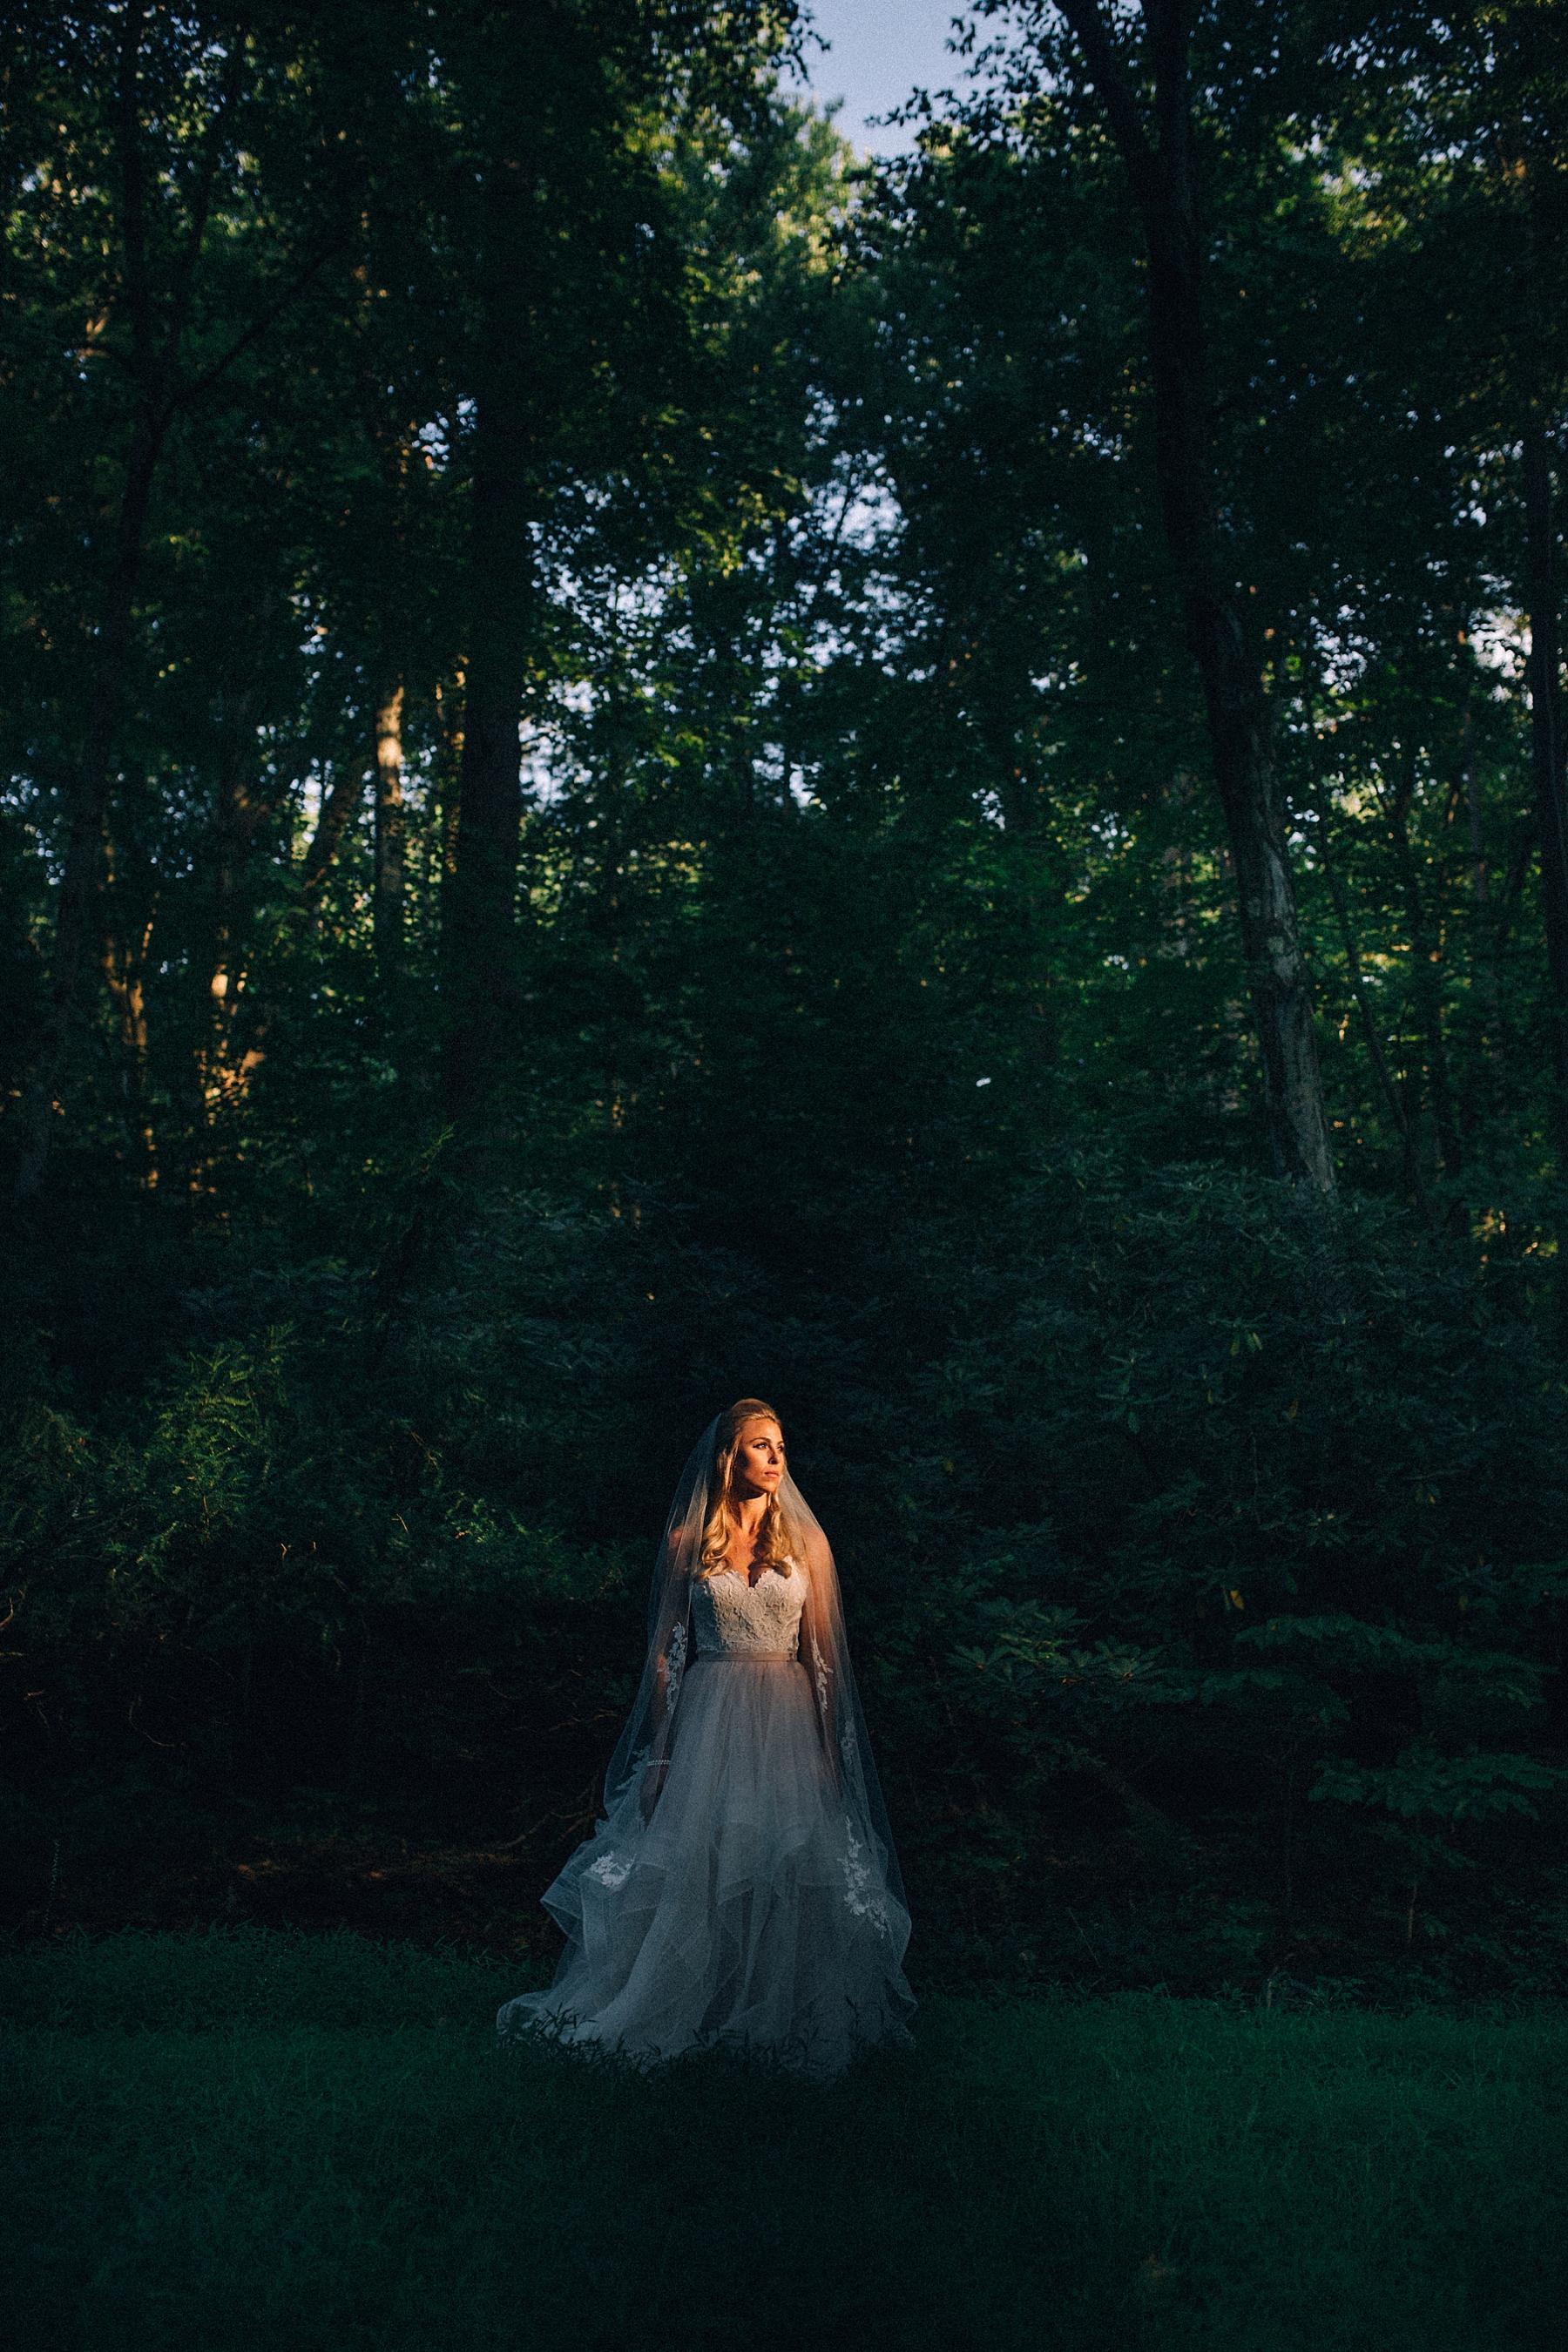 childhood-home-wedding-new-hope-pa-lambertville-nj_0067.jpg